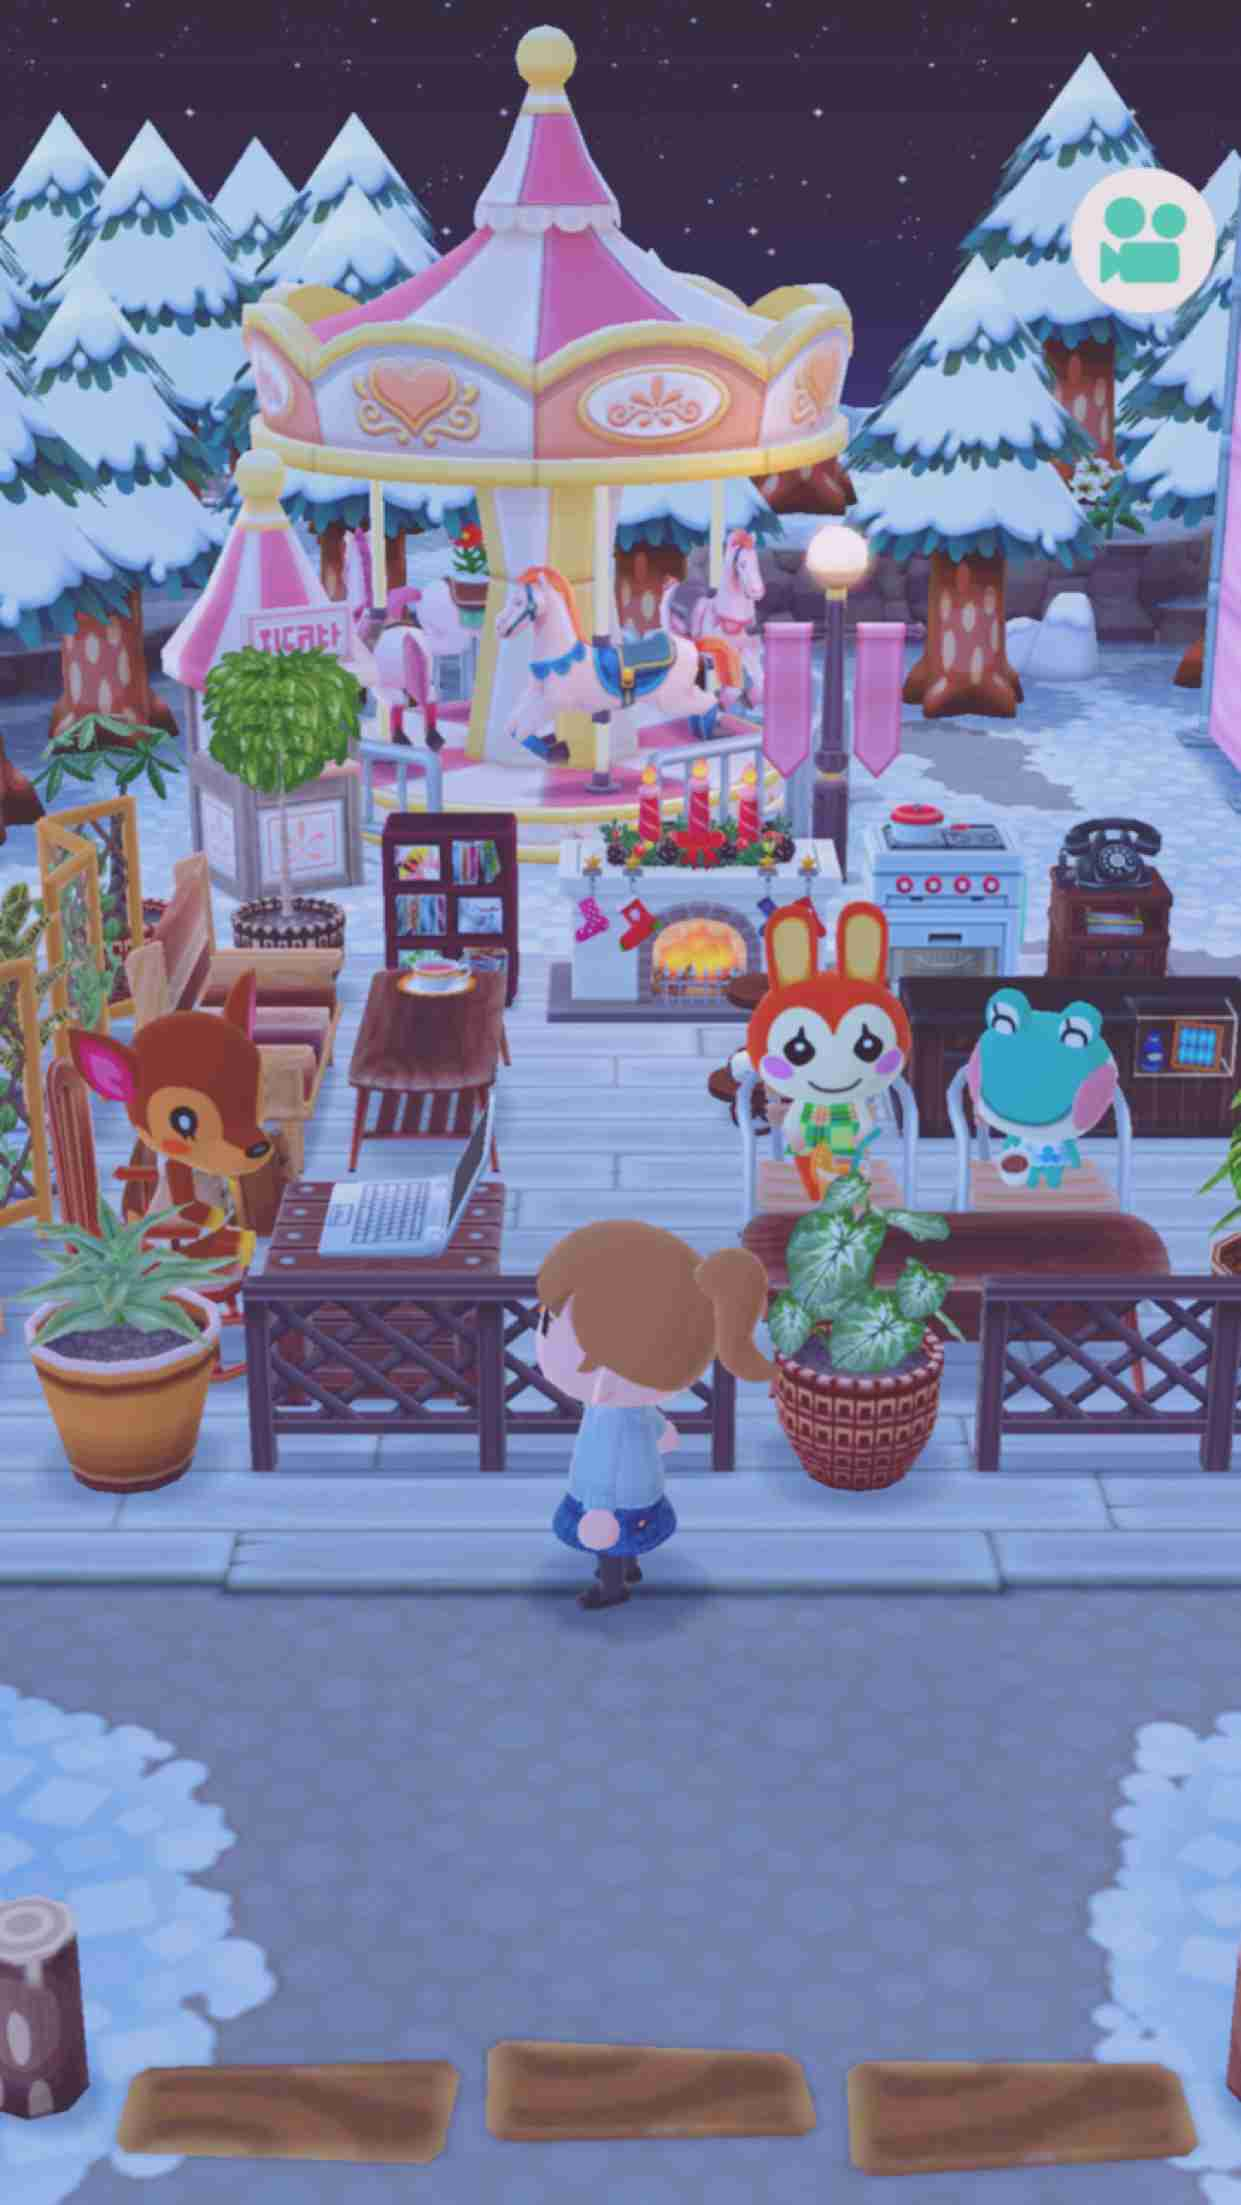 ポケ森!キャンプ場、車の画像が見たいっ!!